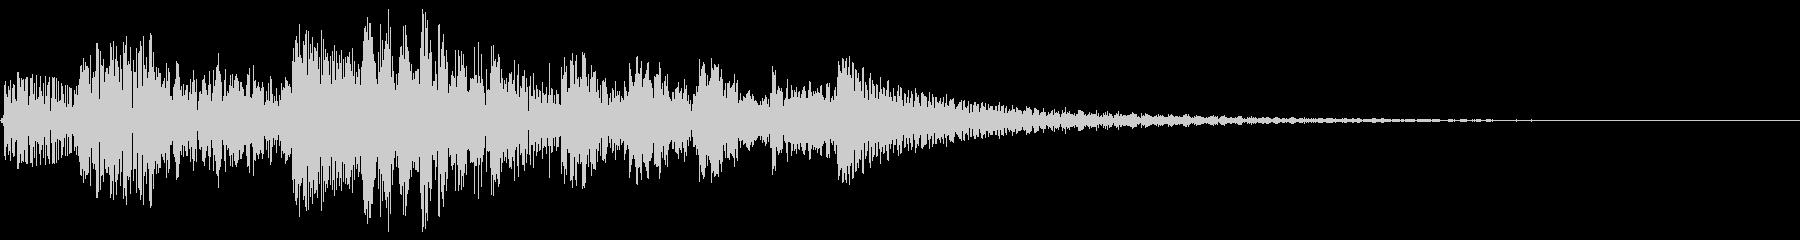 テレレレレン↑ 琴 上昇の未再生の波形